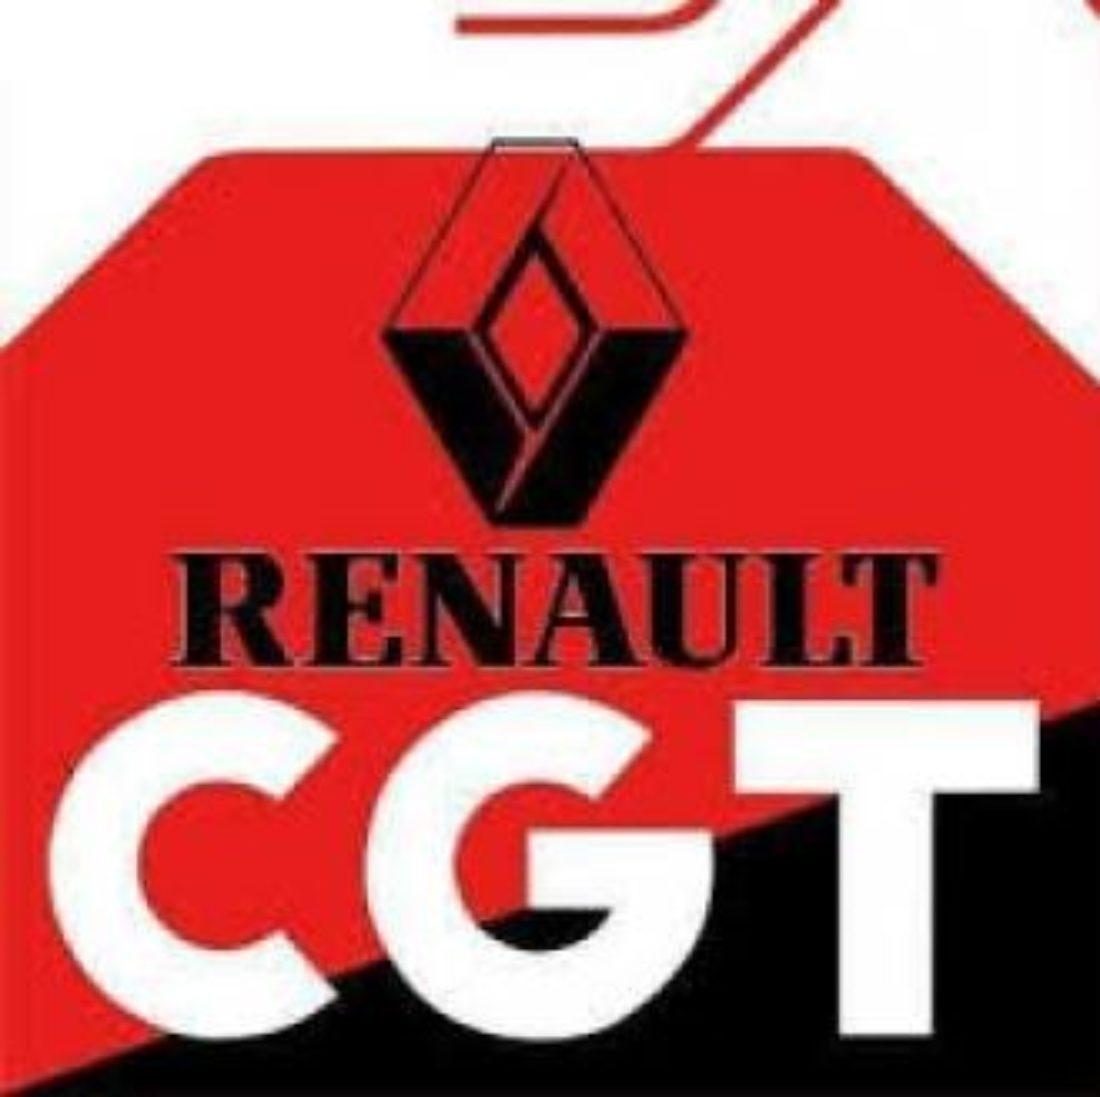 CGT culpa a la dirección de Renault de no querer reconocer los problemas que existen en la empresa